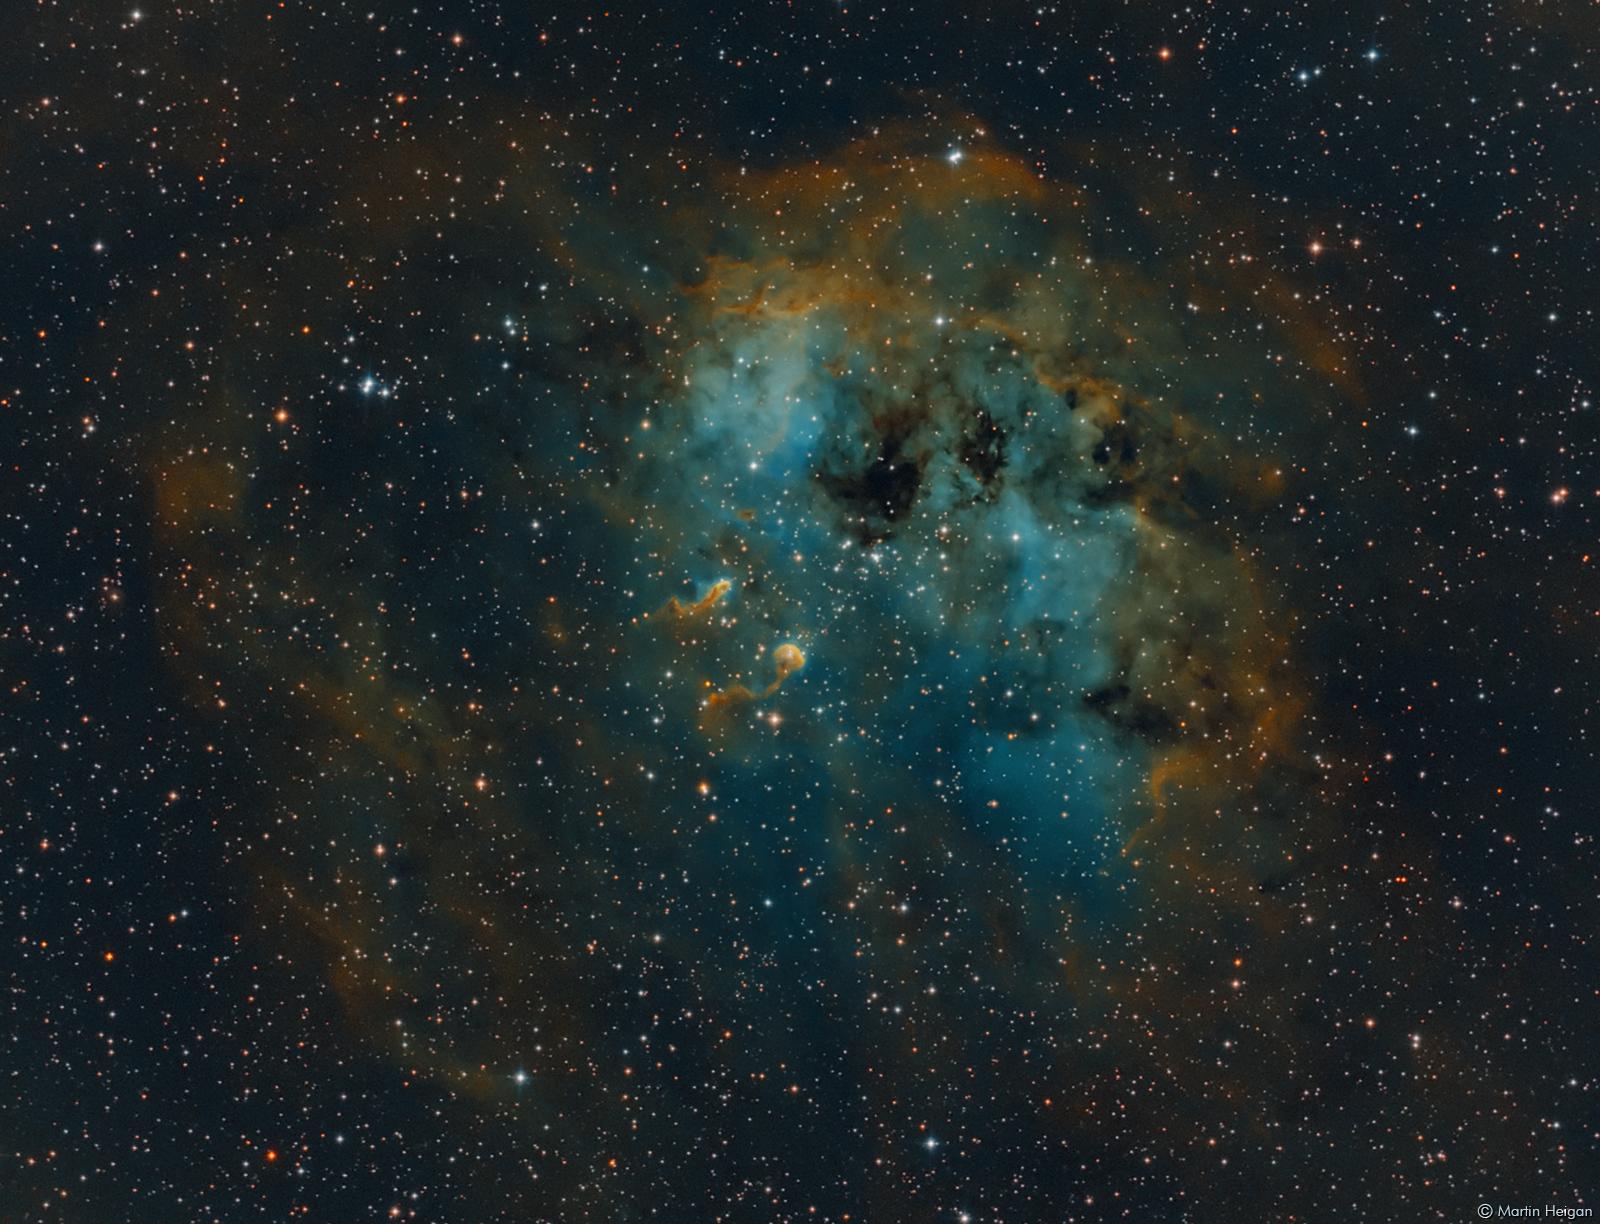 Orion Nebula Hd Wallpaper Martin Heigan Flickr